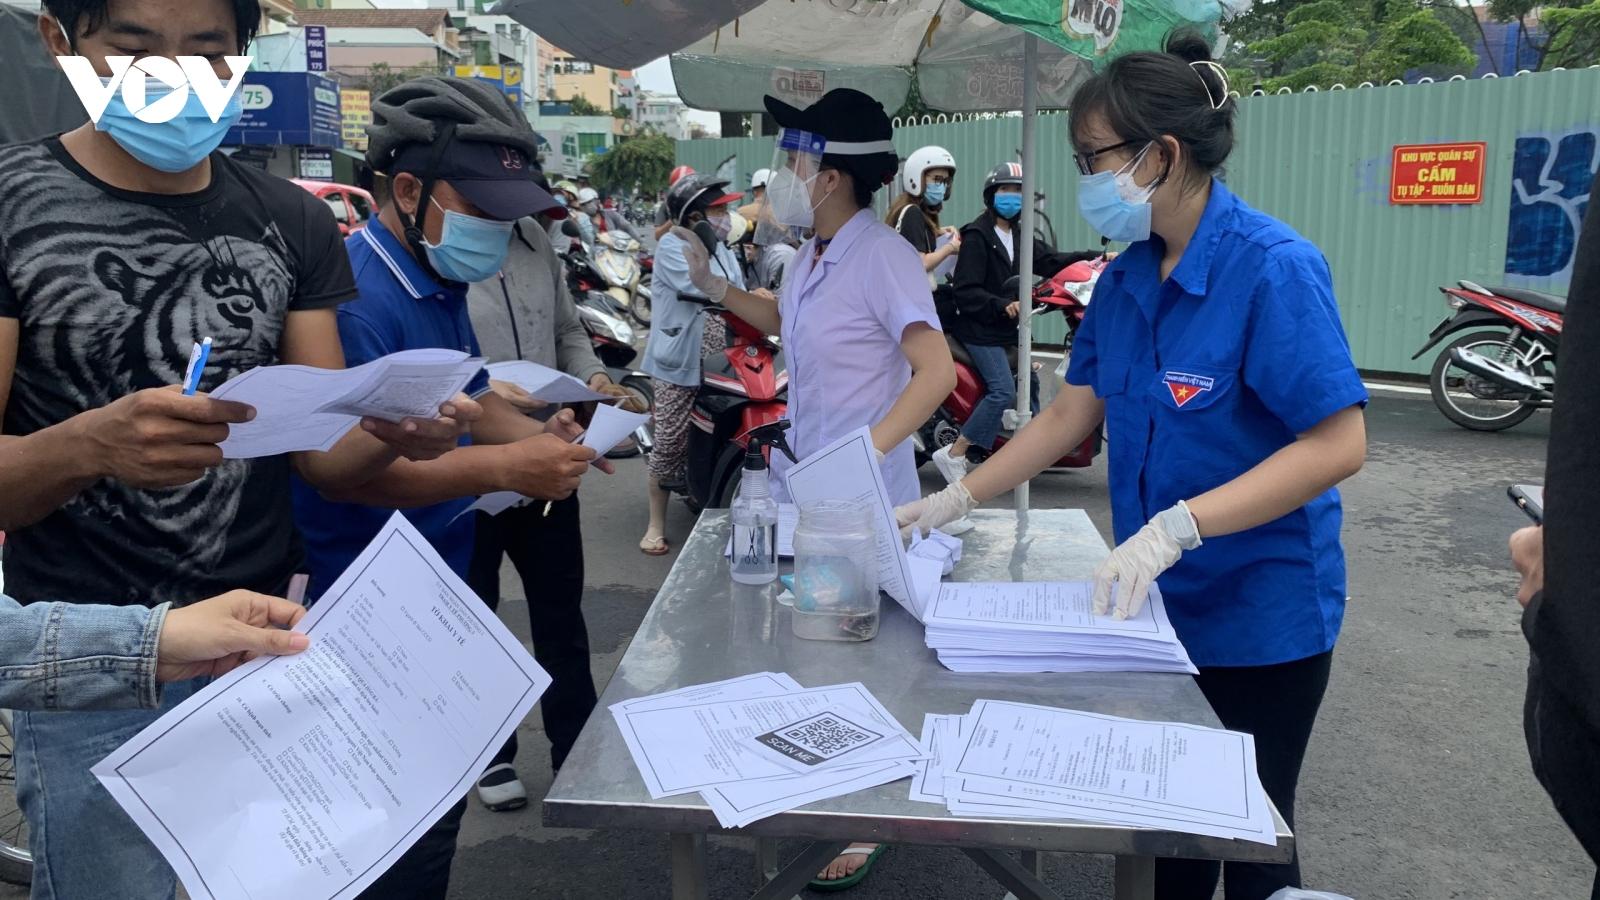 TP.HCM trriển khai quy trình khai báo y tế điện tử cho người ra vào quận Gò Vấp